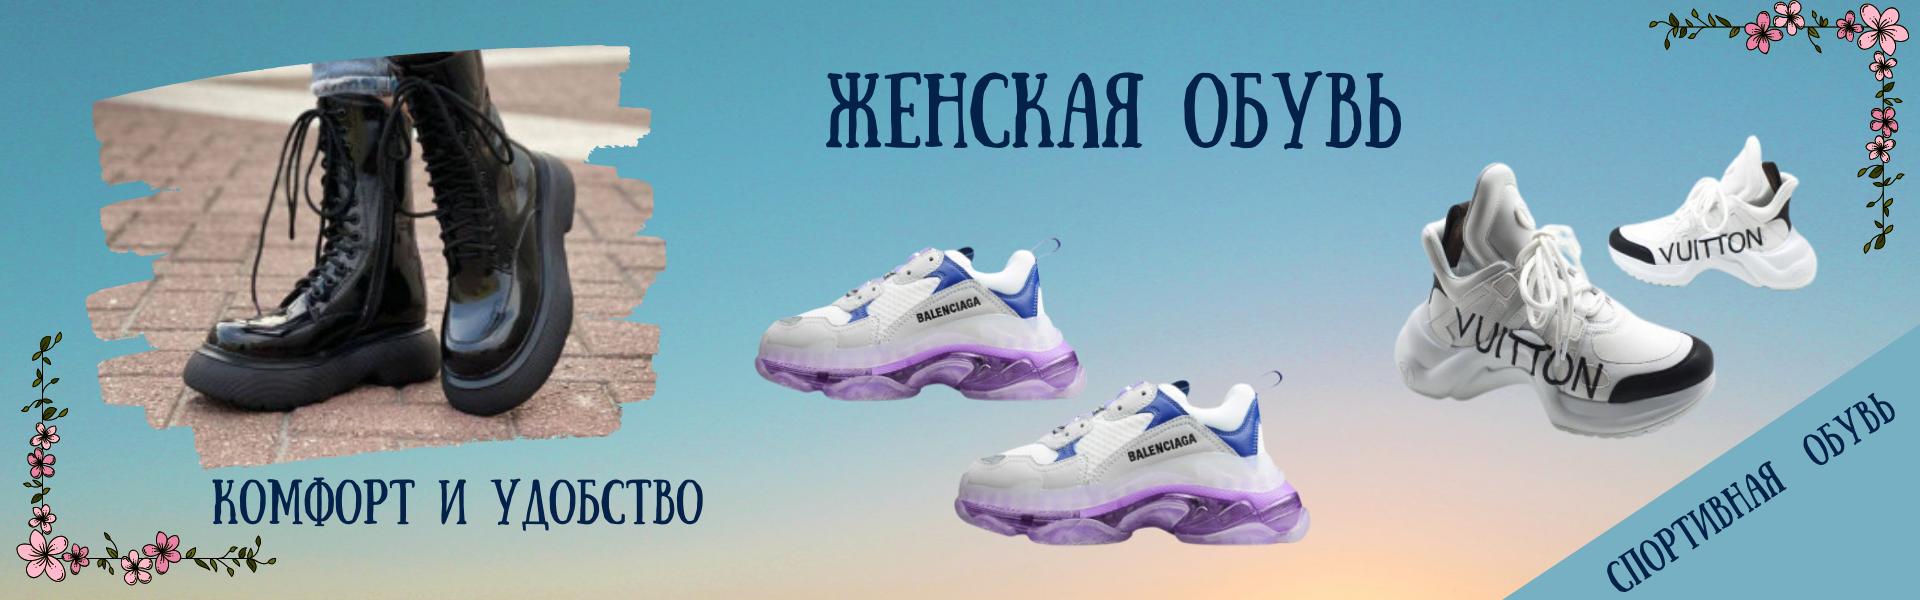 Женская обувь